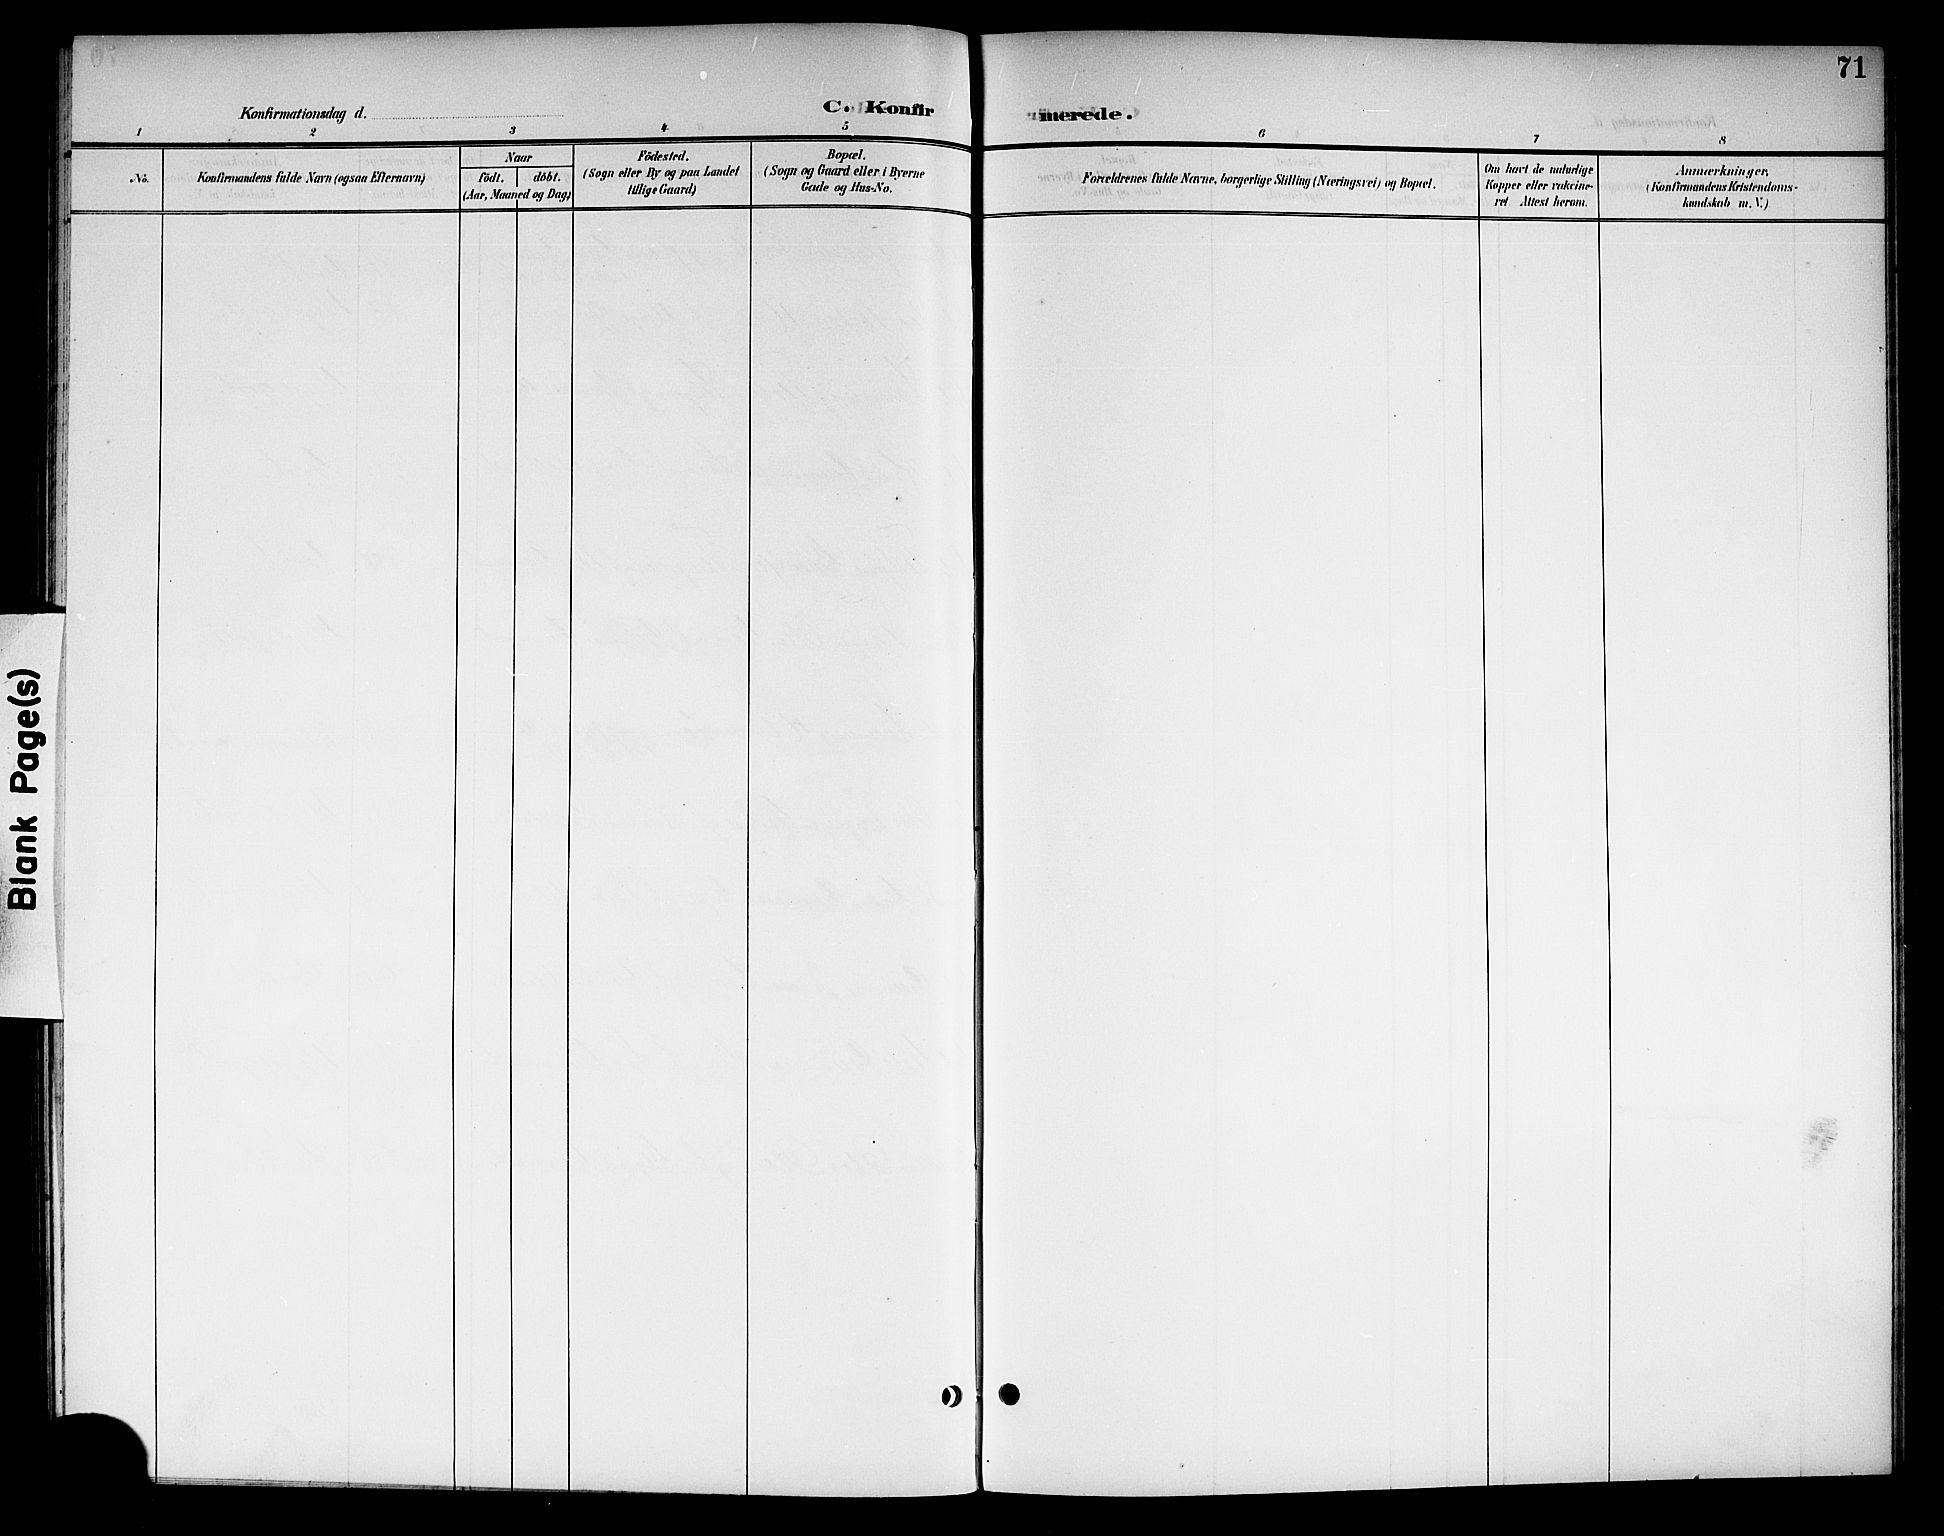 SAKO, Kviteseid kirkebøker, G/Gc/L0001: Klokkerbok nr. III 1, 1893-1916, s. 71